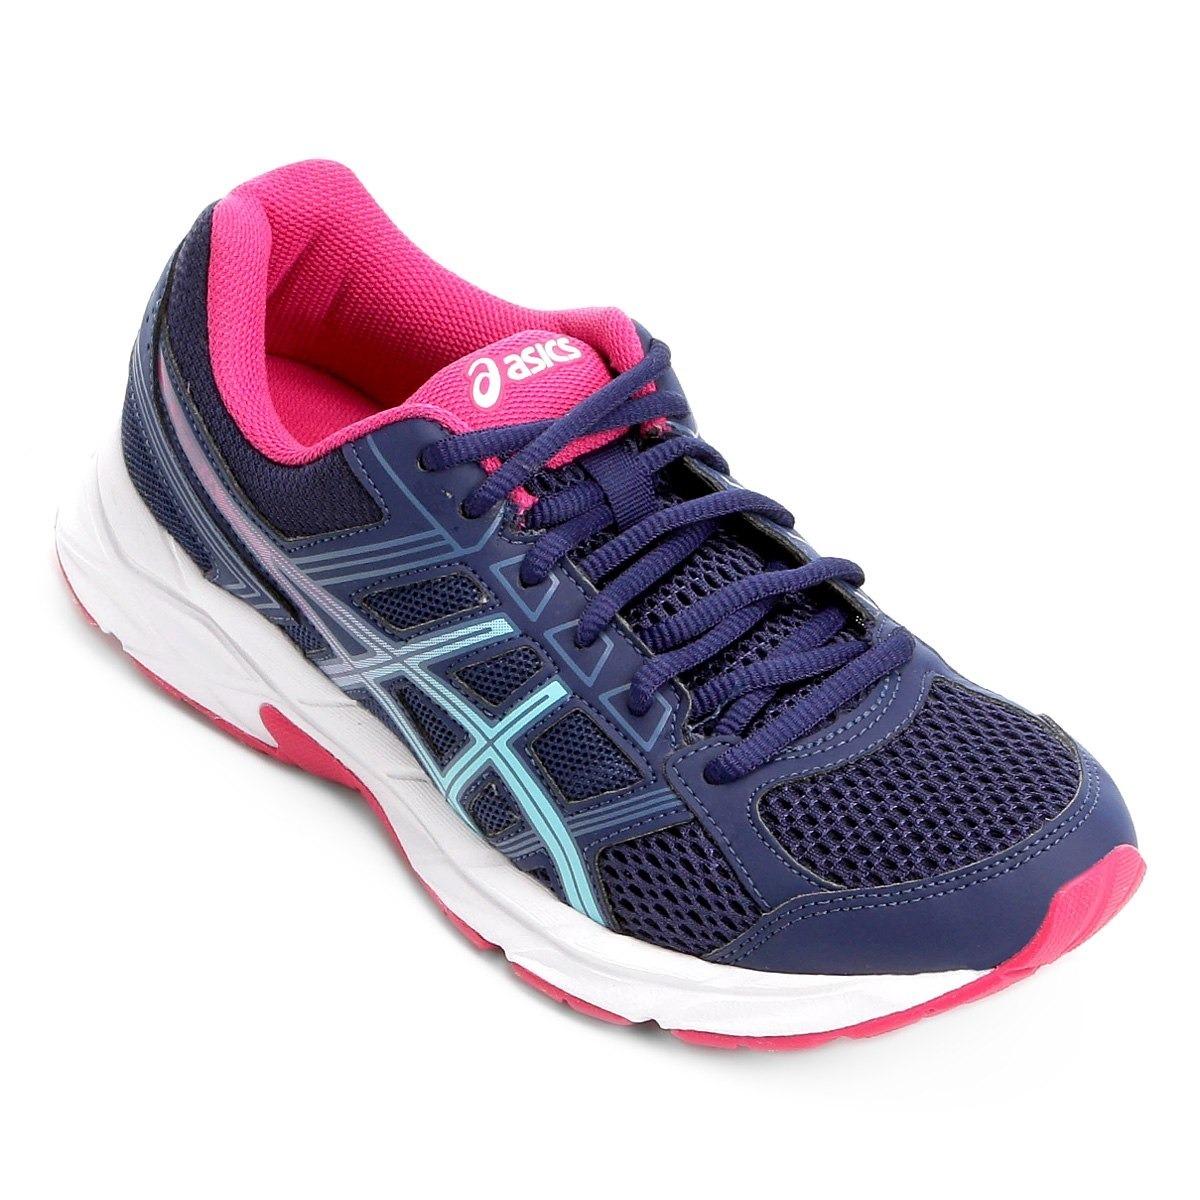 577c2b462d tênis asics gel contend 4 a feminino - azul e rosa-original. Carregando  zoom.